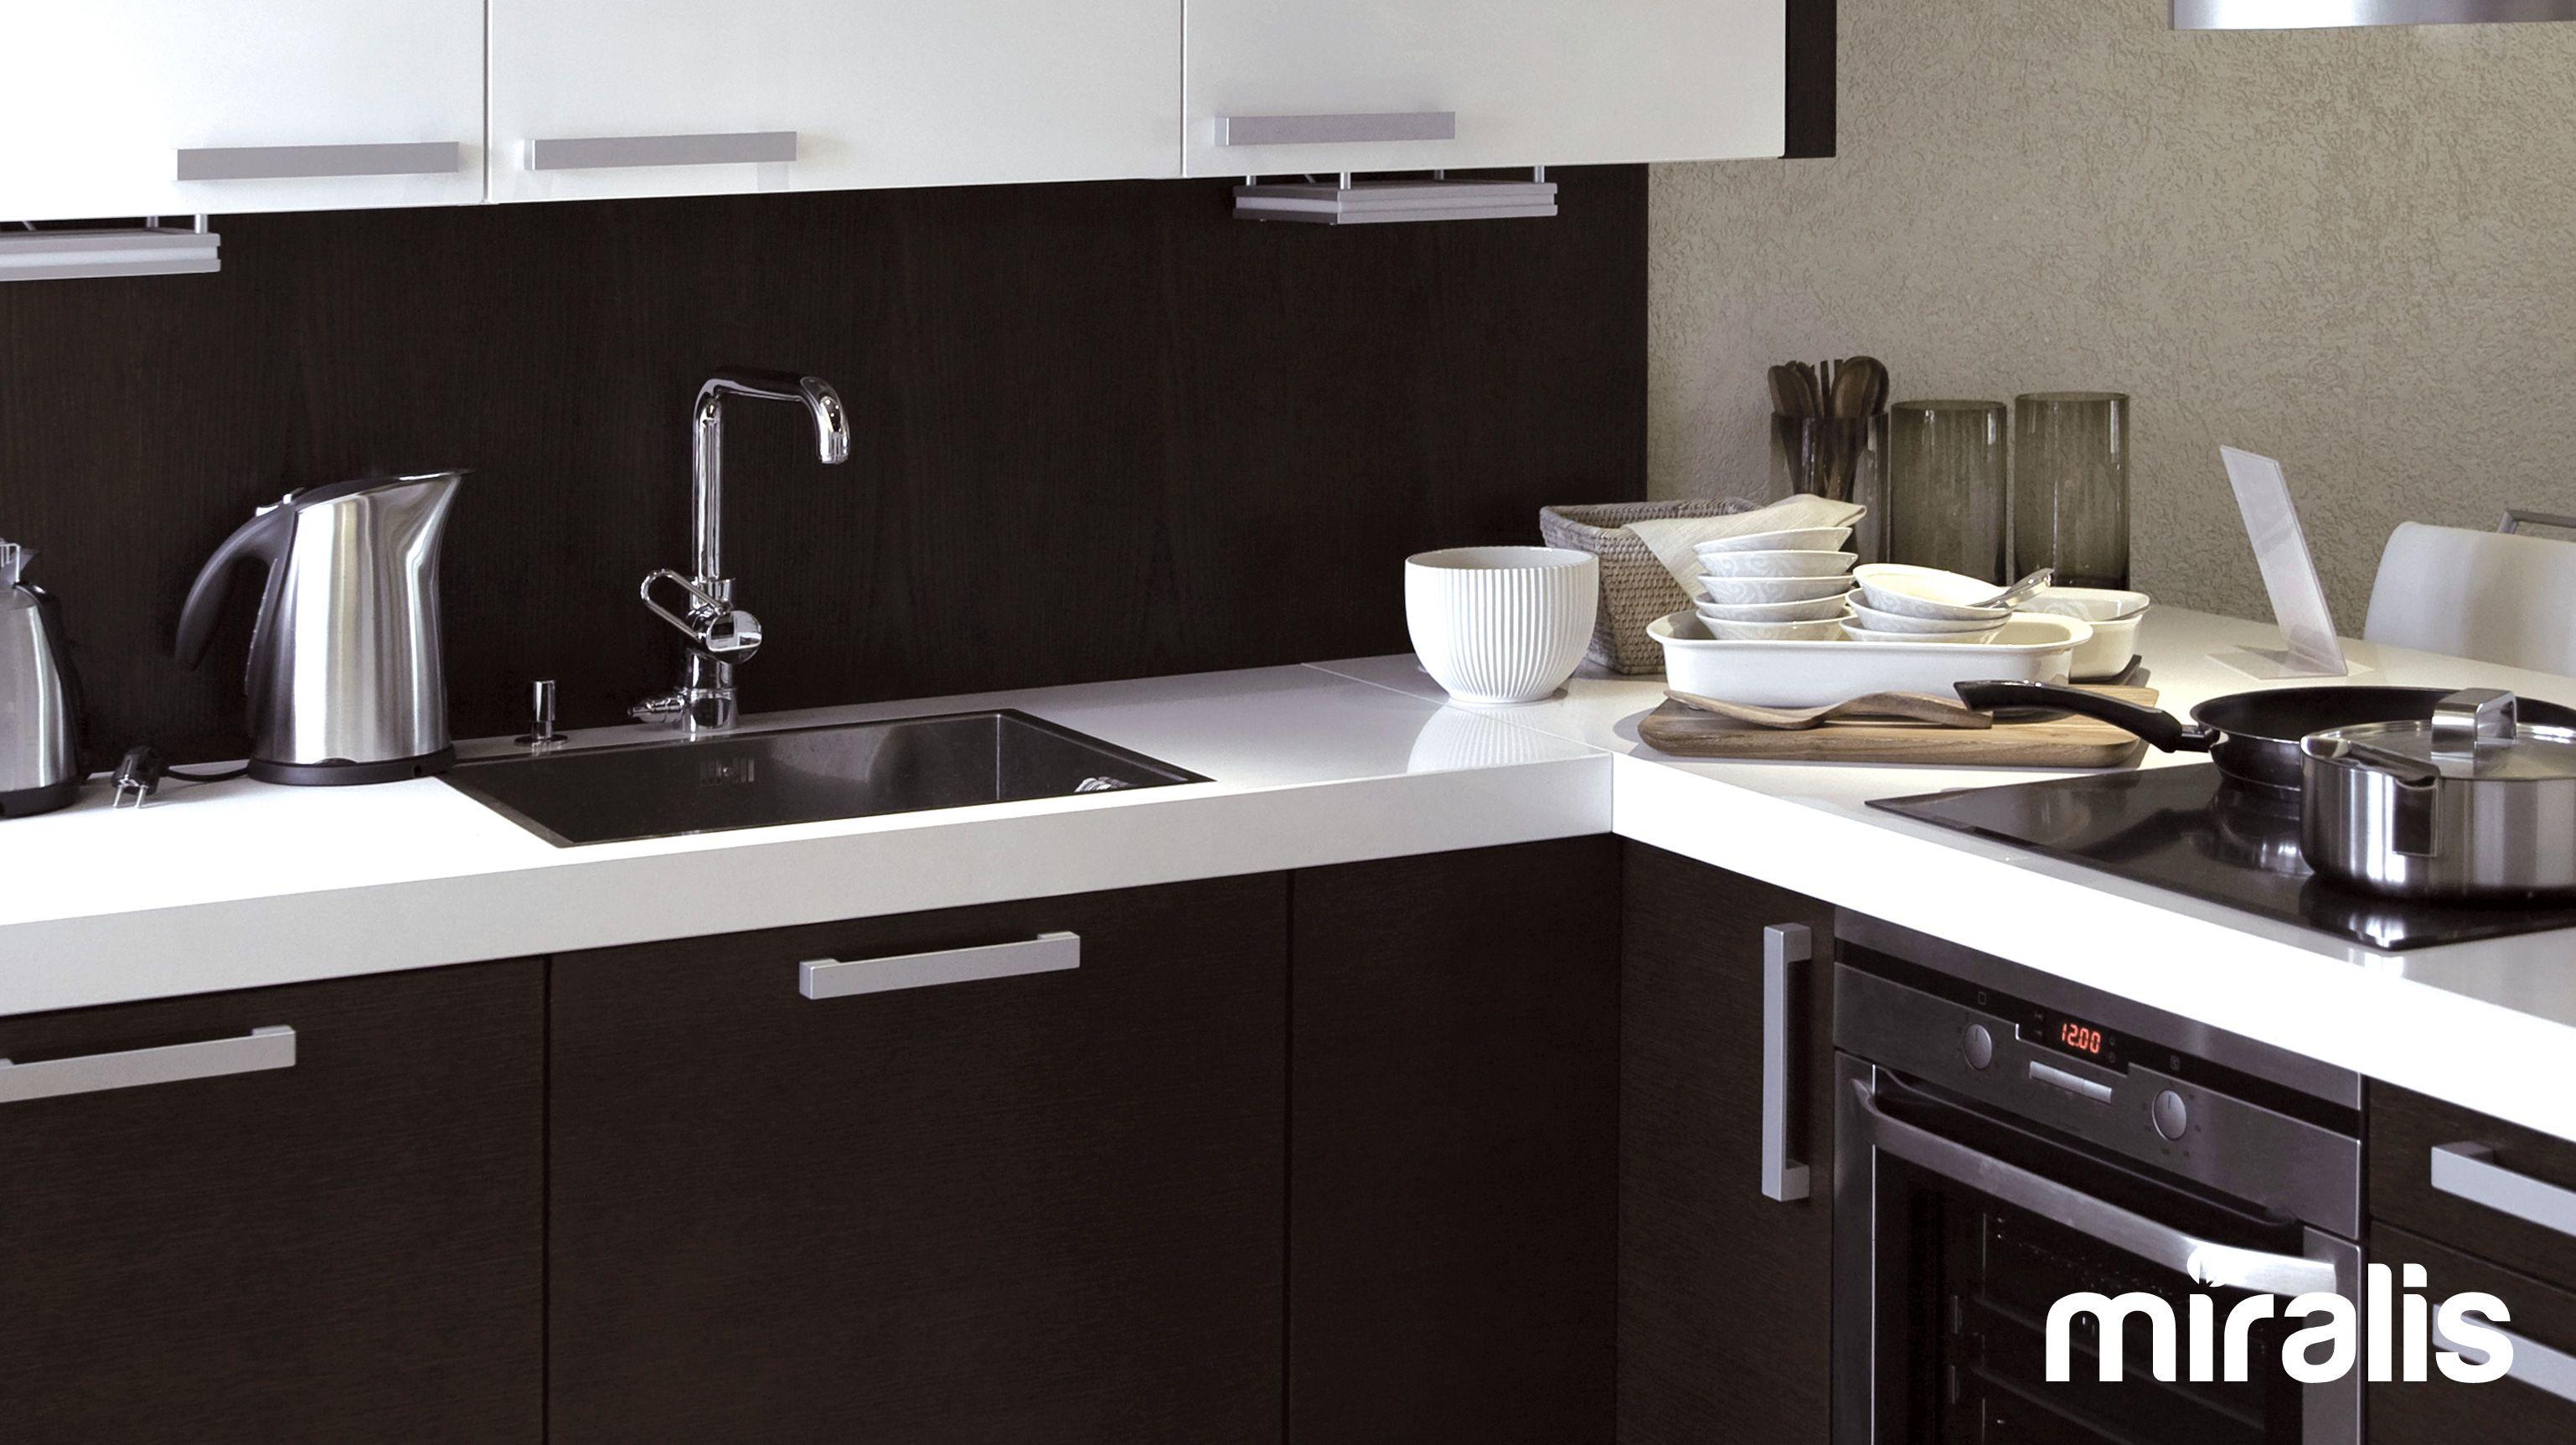 Polymère / Polymer www.miralis.com | Kitchen, Kitchen ...